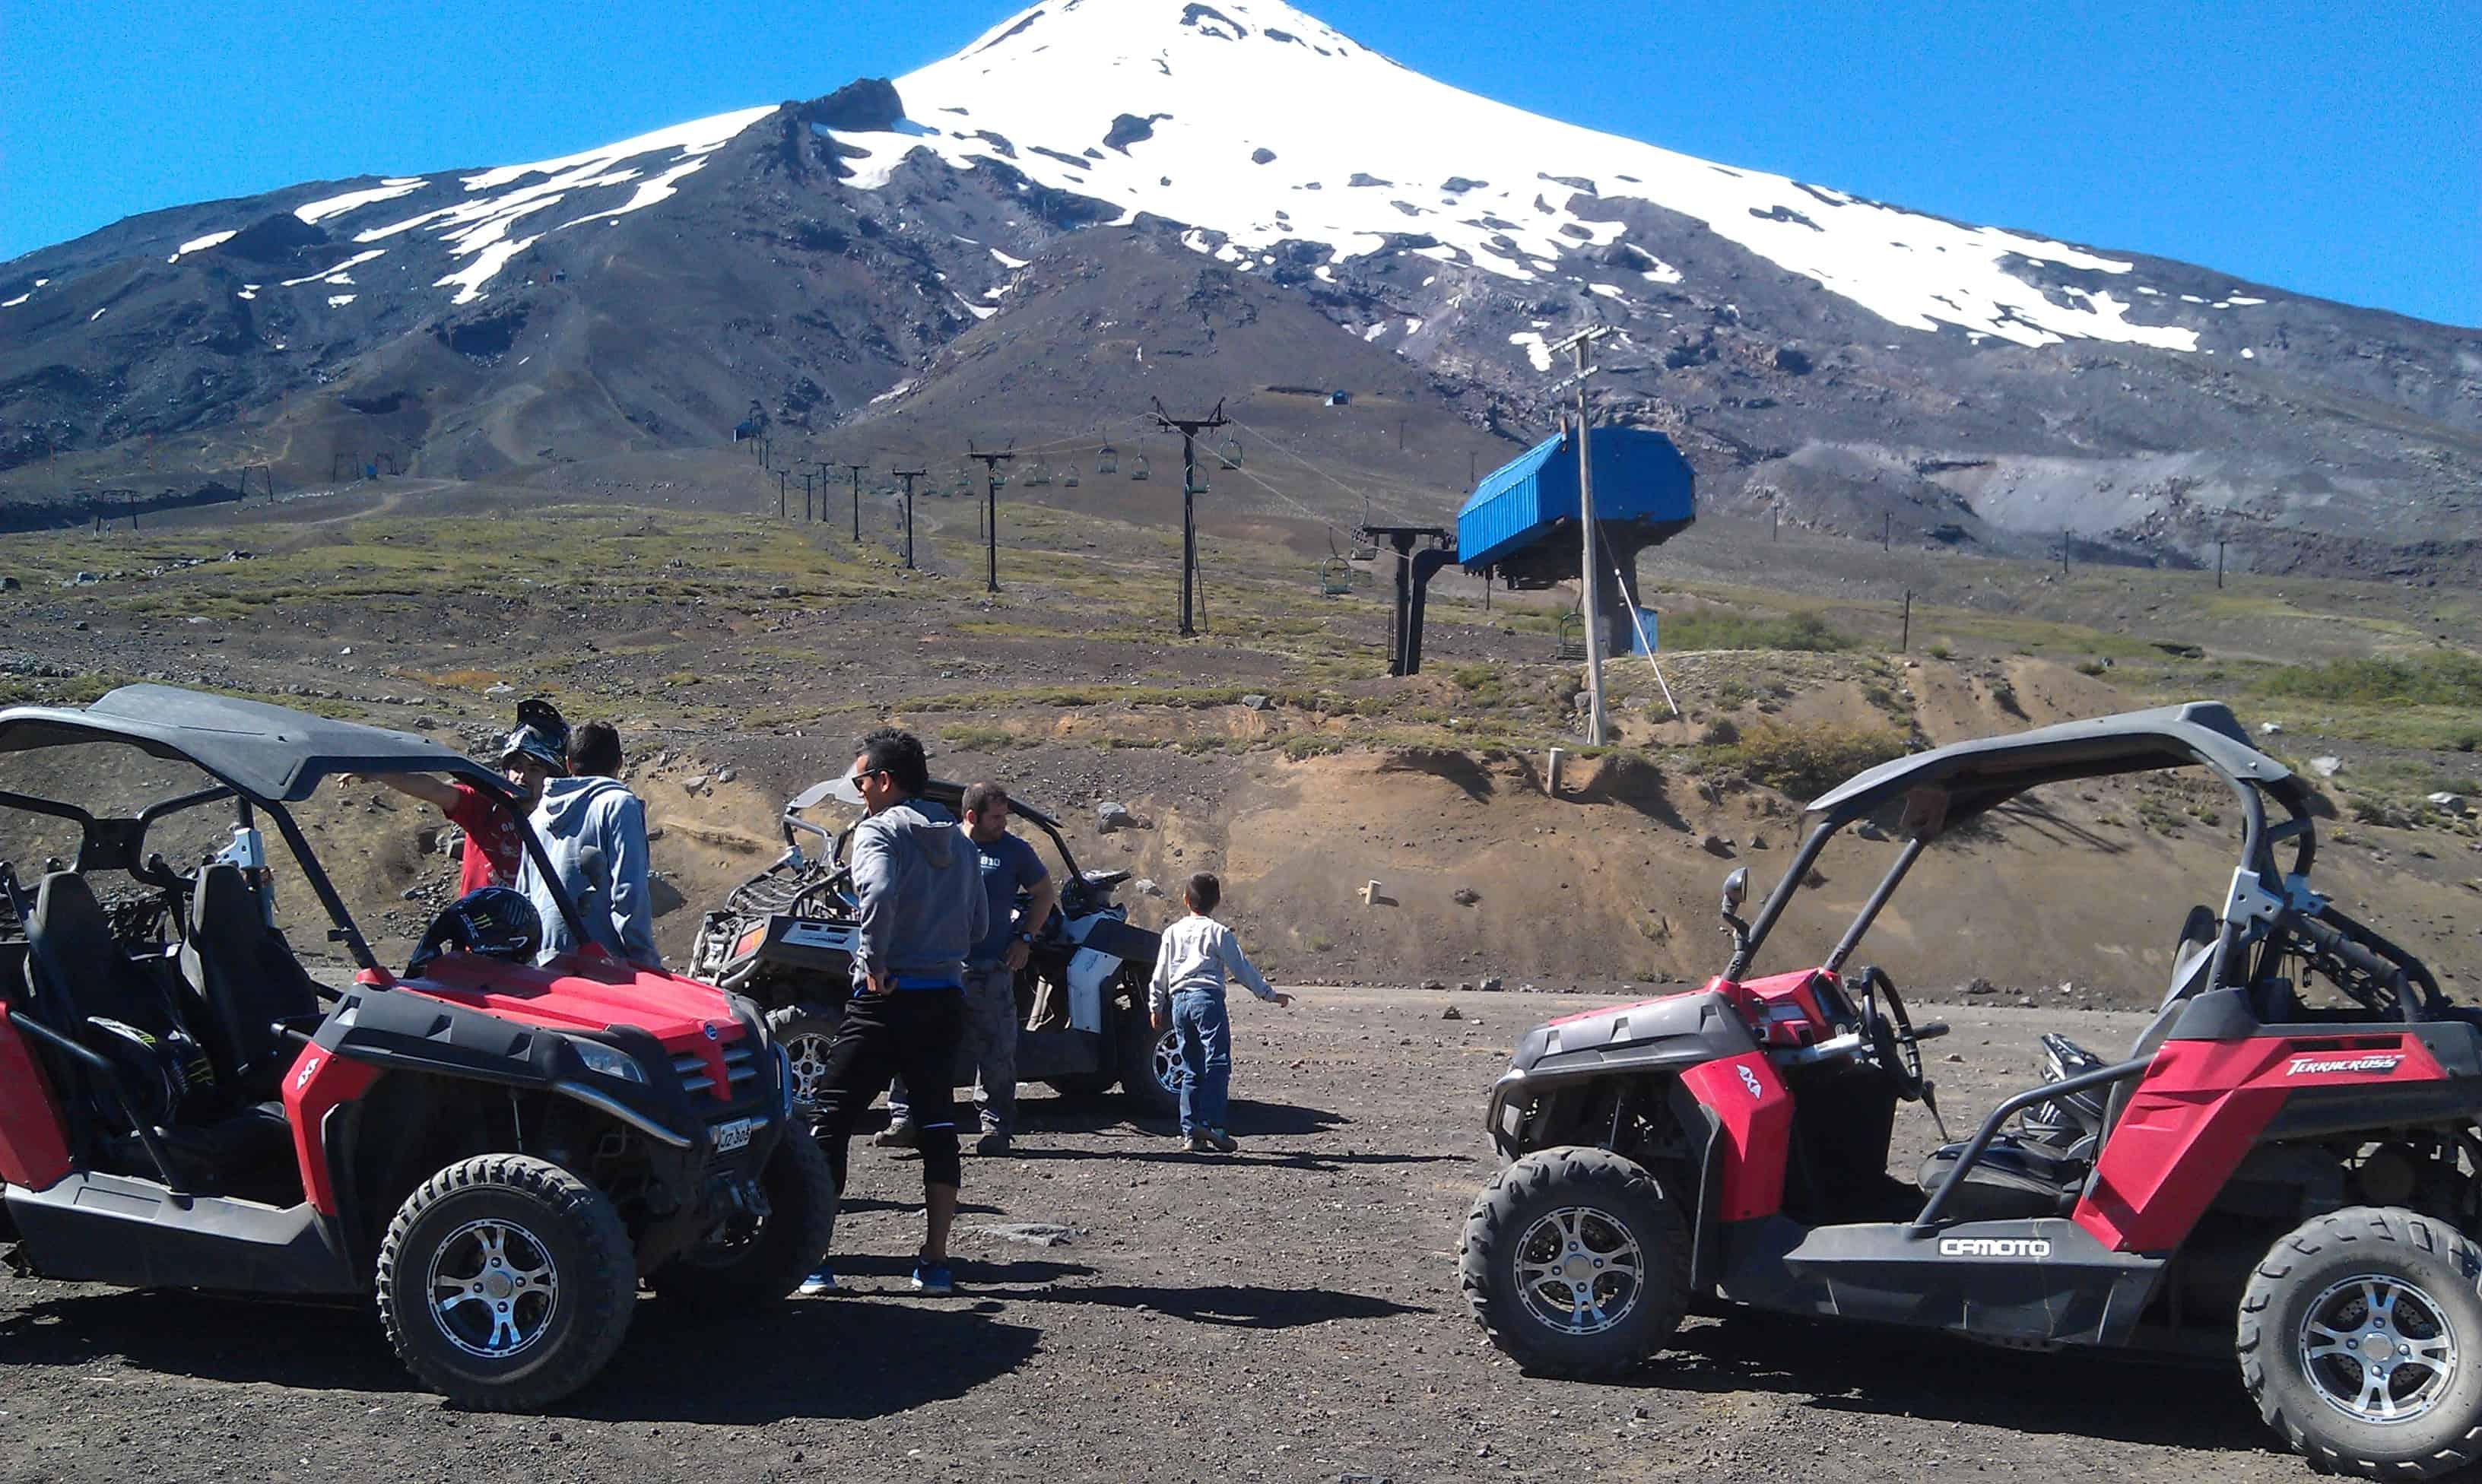 Unter einem verstaubten Gesicht, findet man ein ganz breites Lächeln – Buggy Tour zum Vulkan Villarrica – Februar 2015